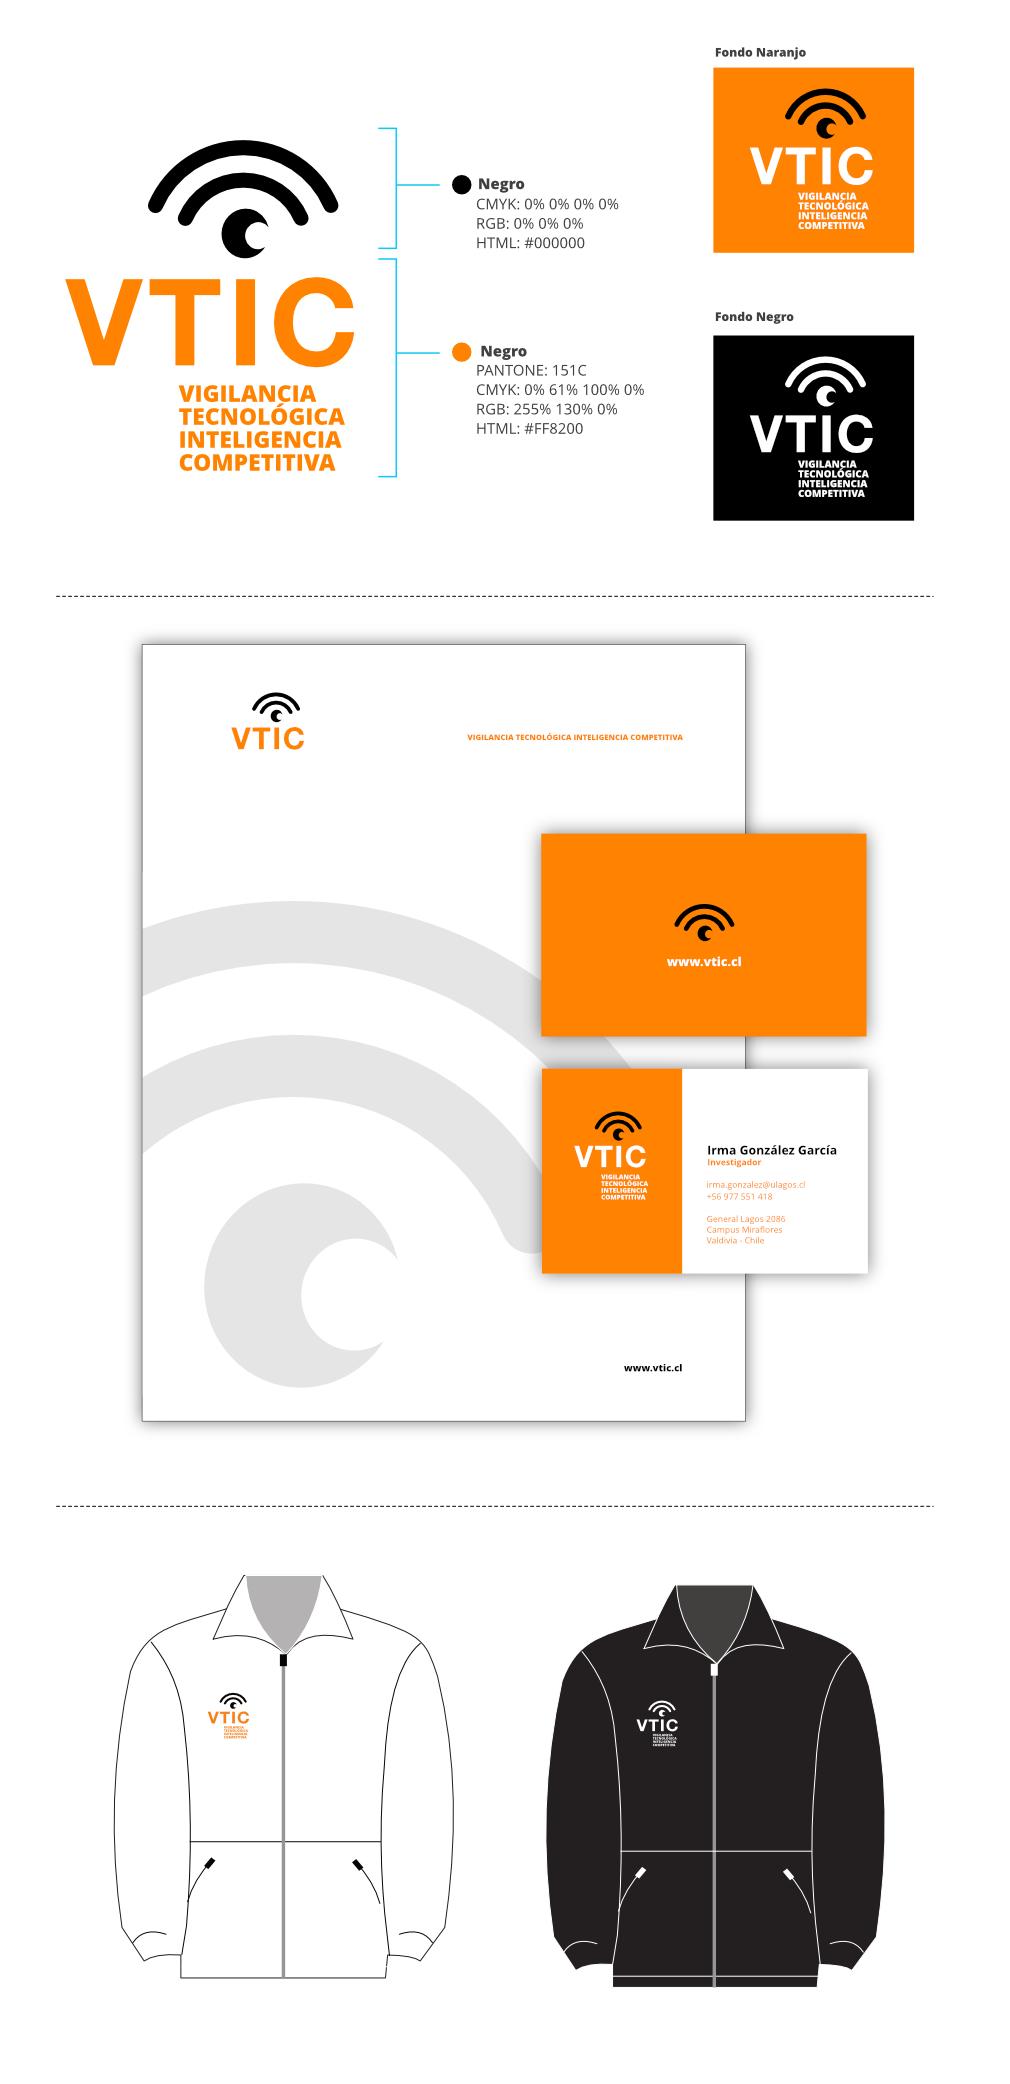 marca-VTIC-2